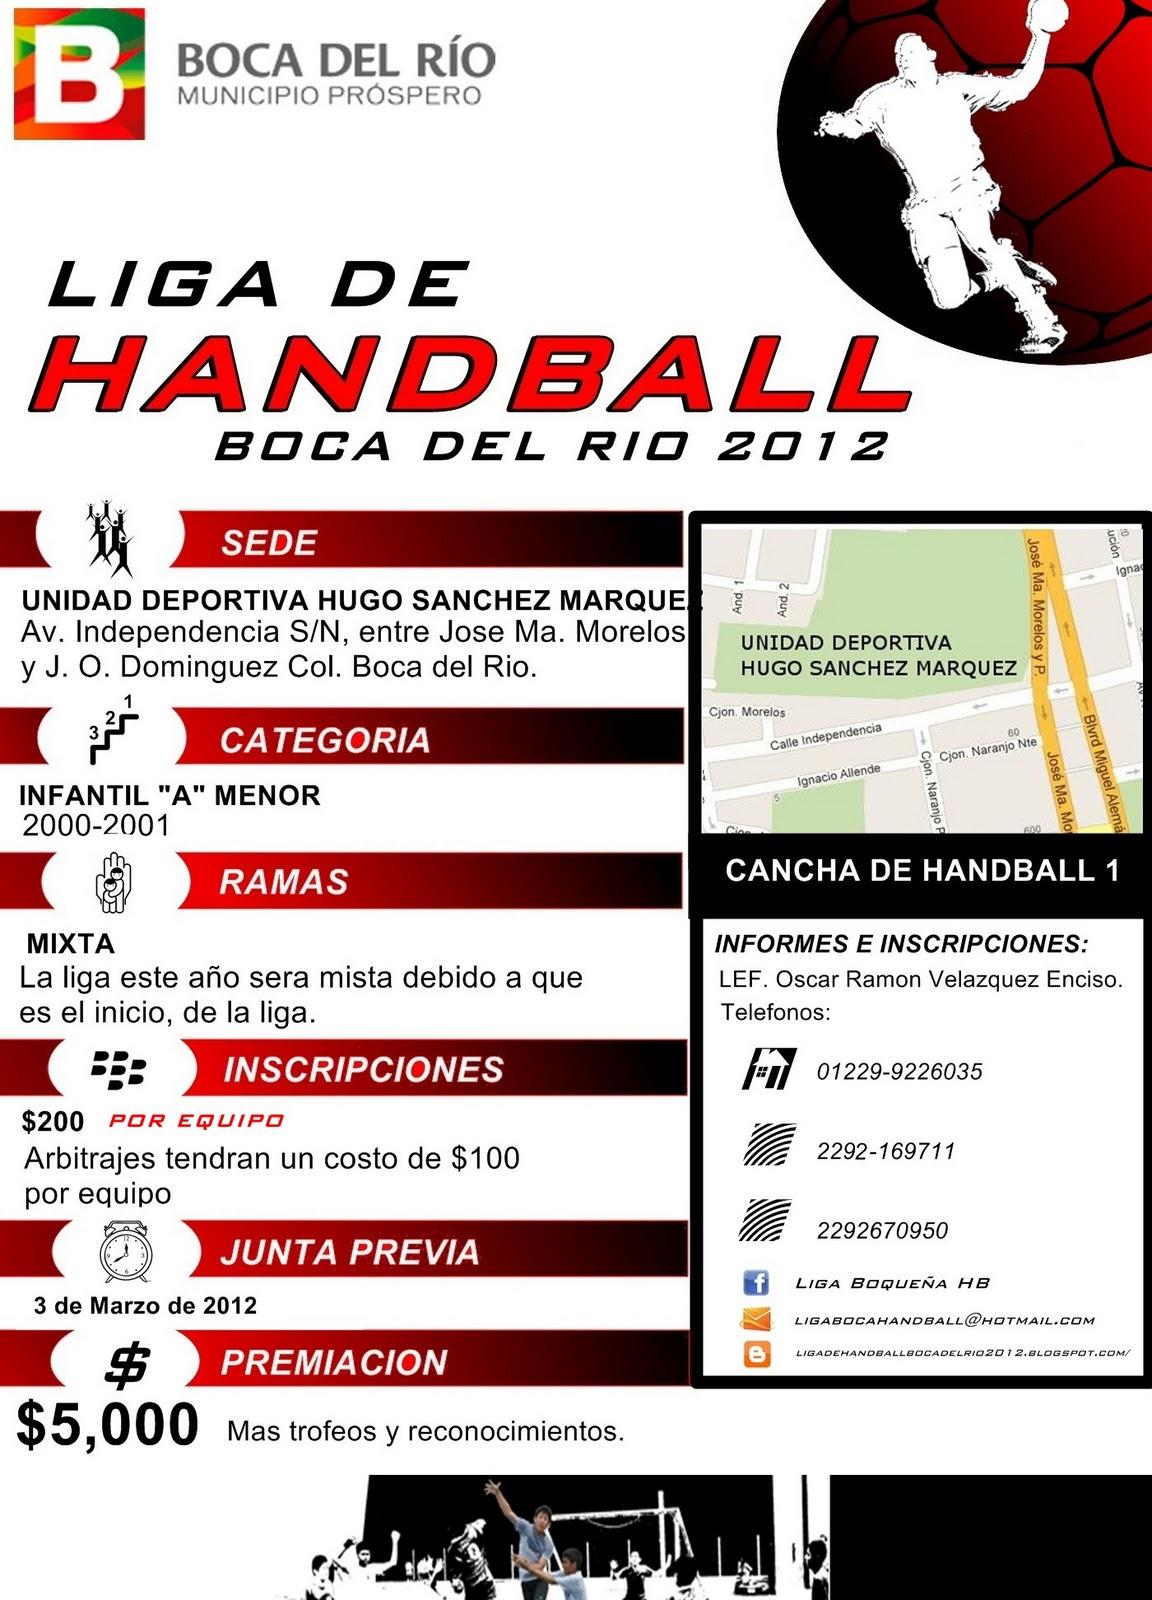 handball ligen